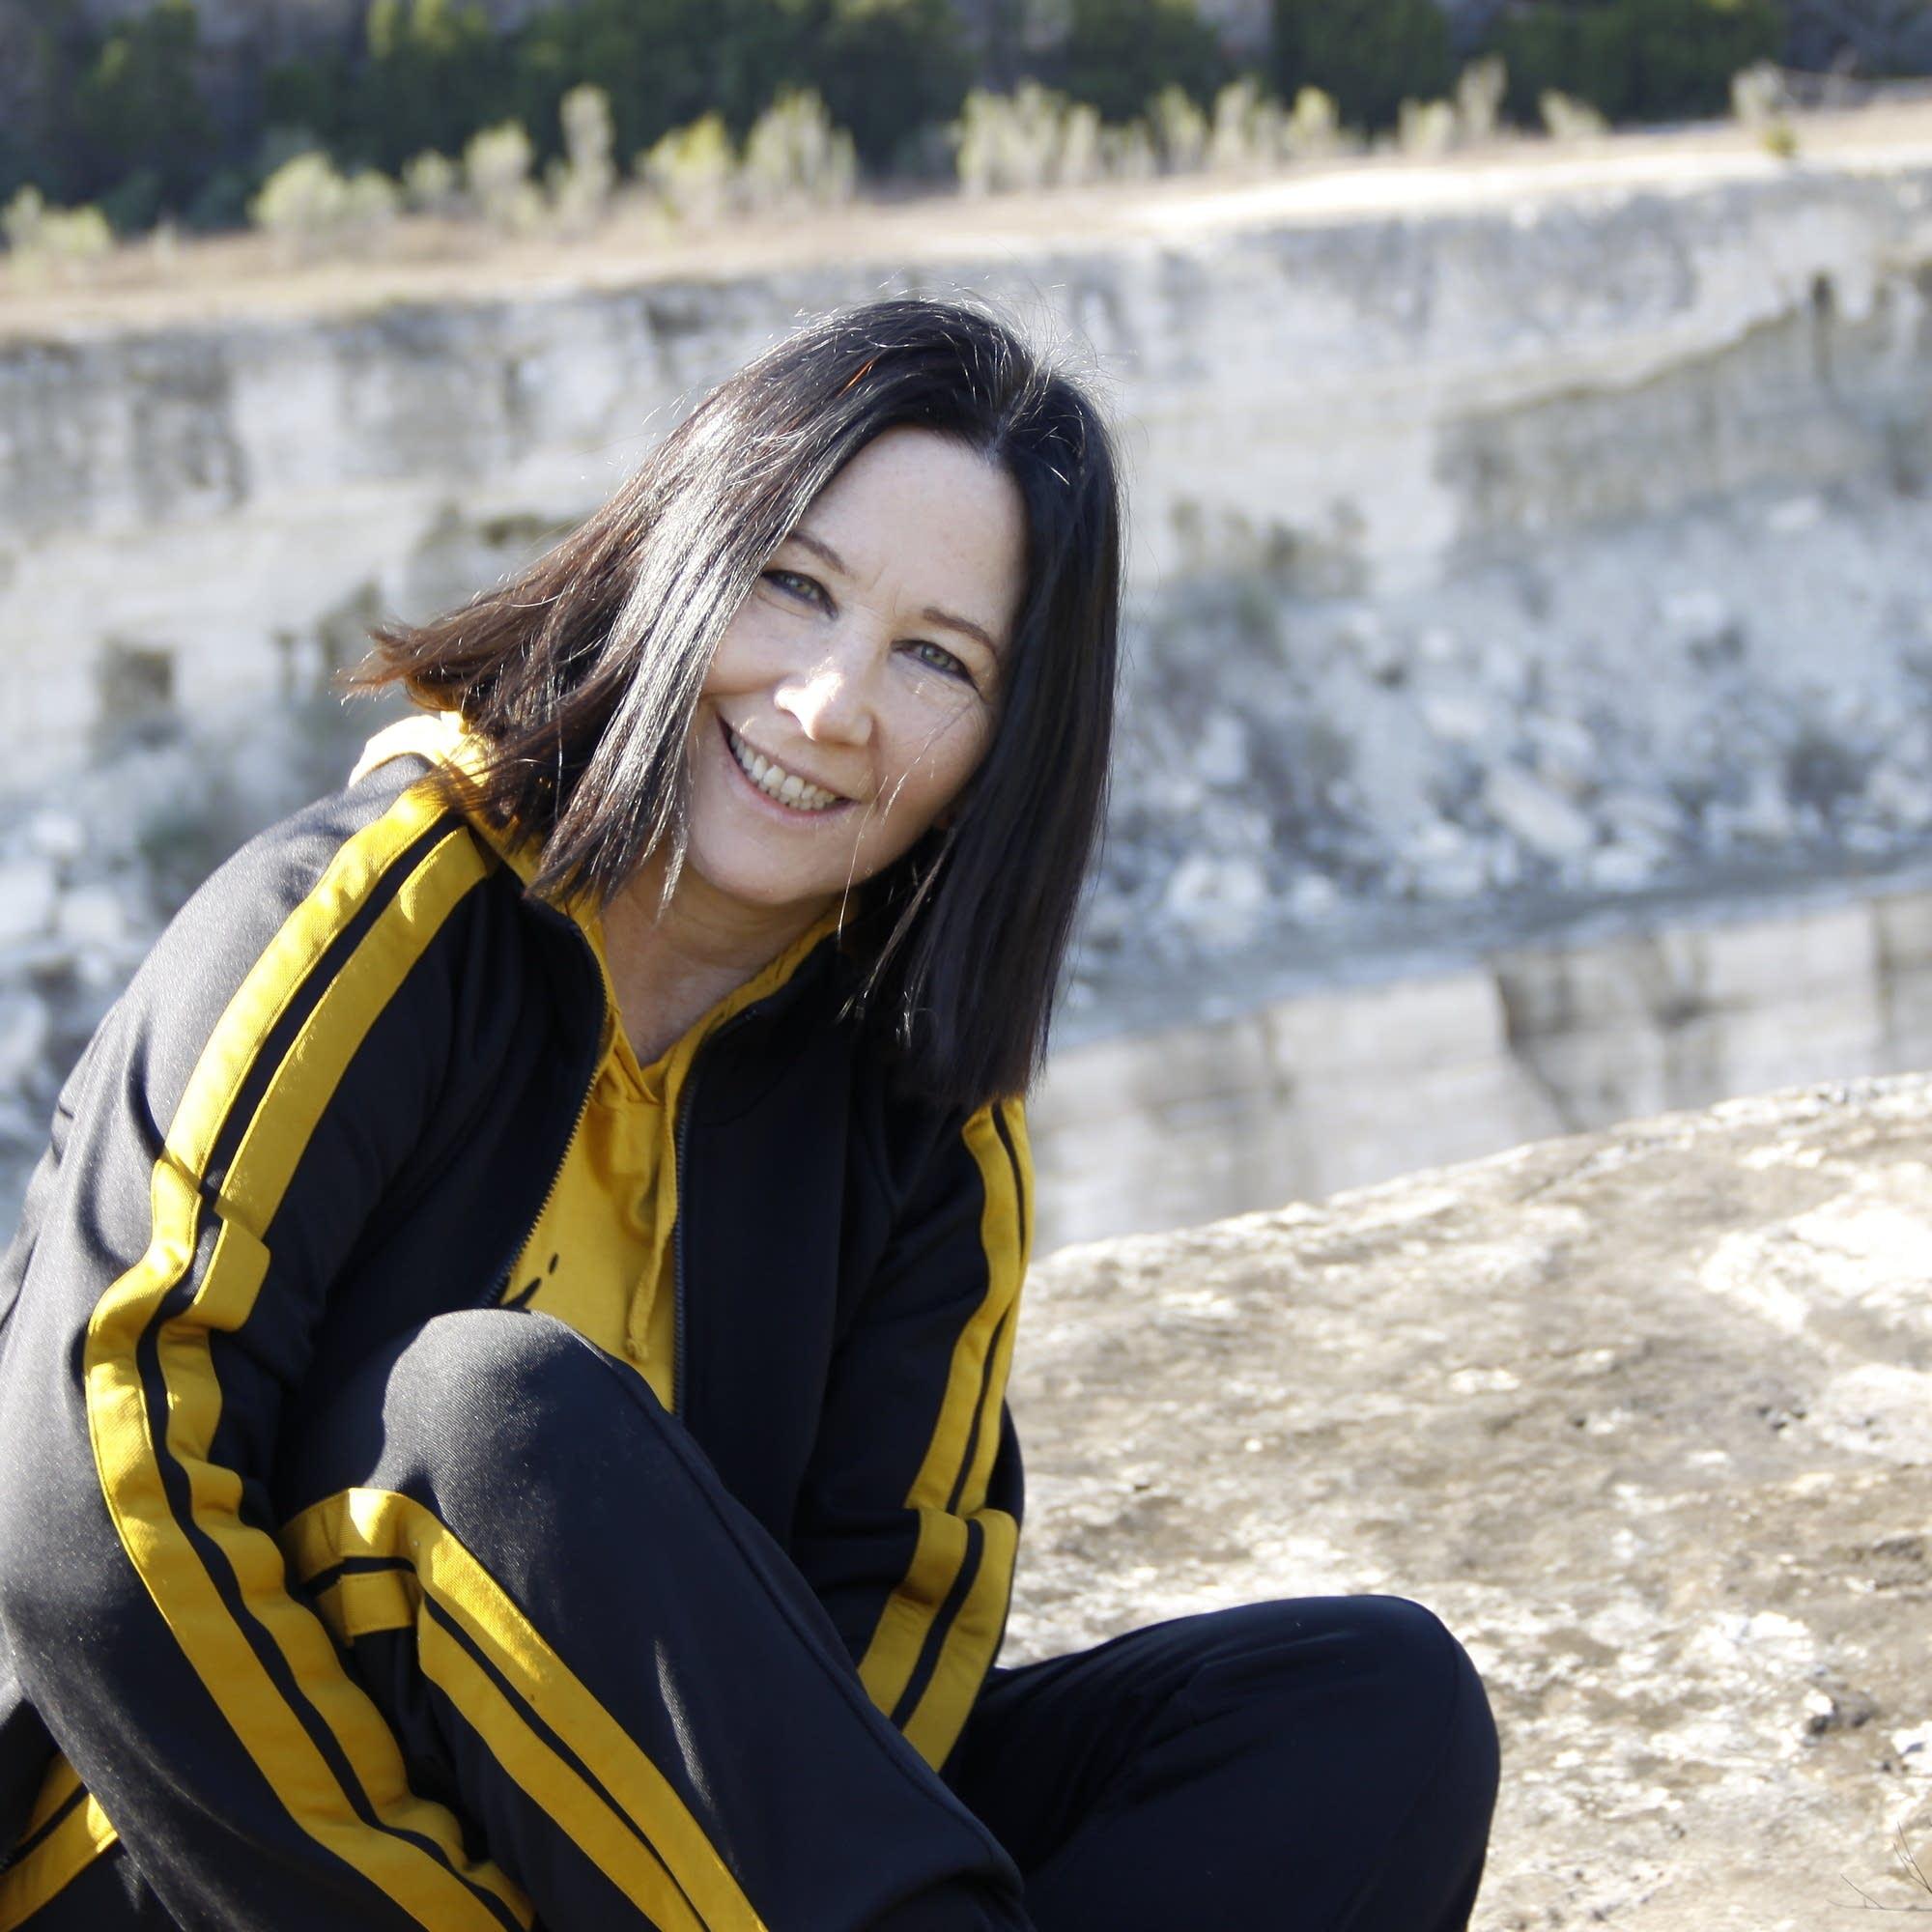 Kathy Valentine press photo